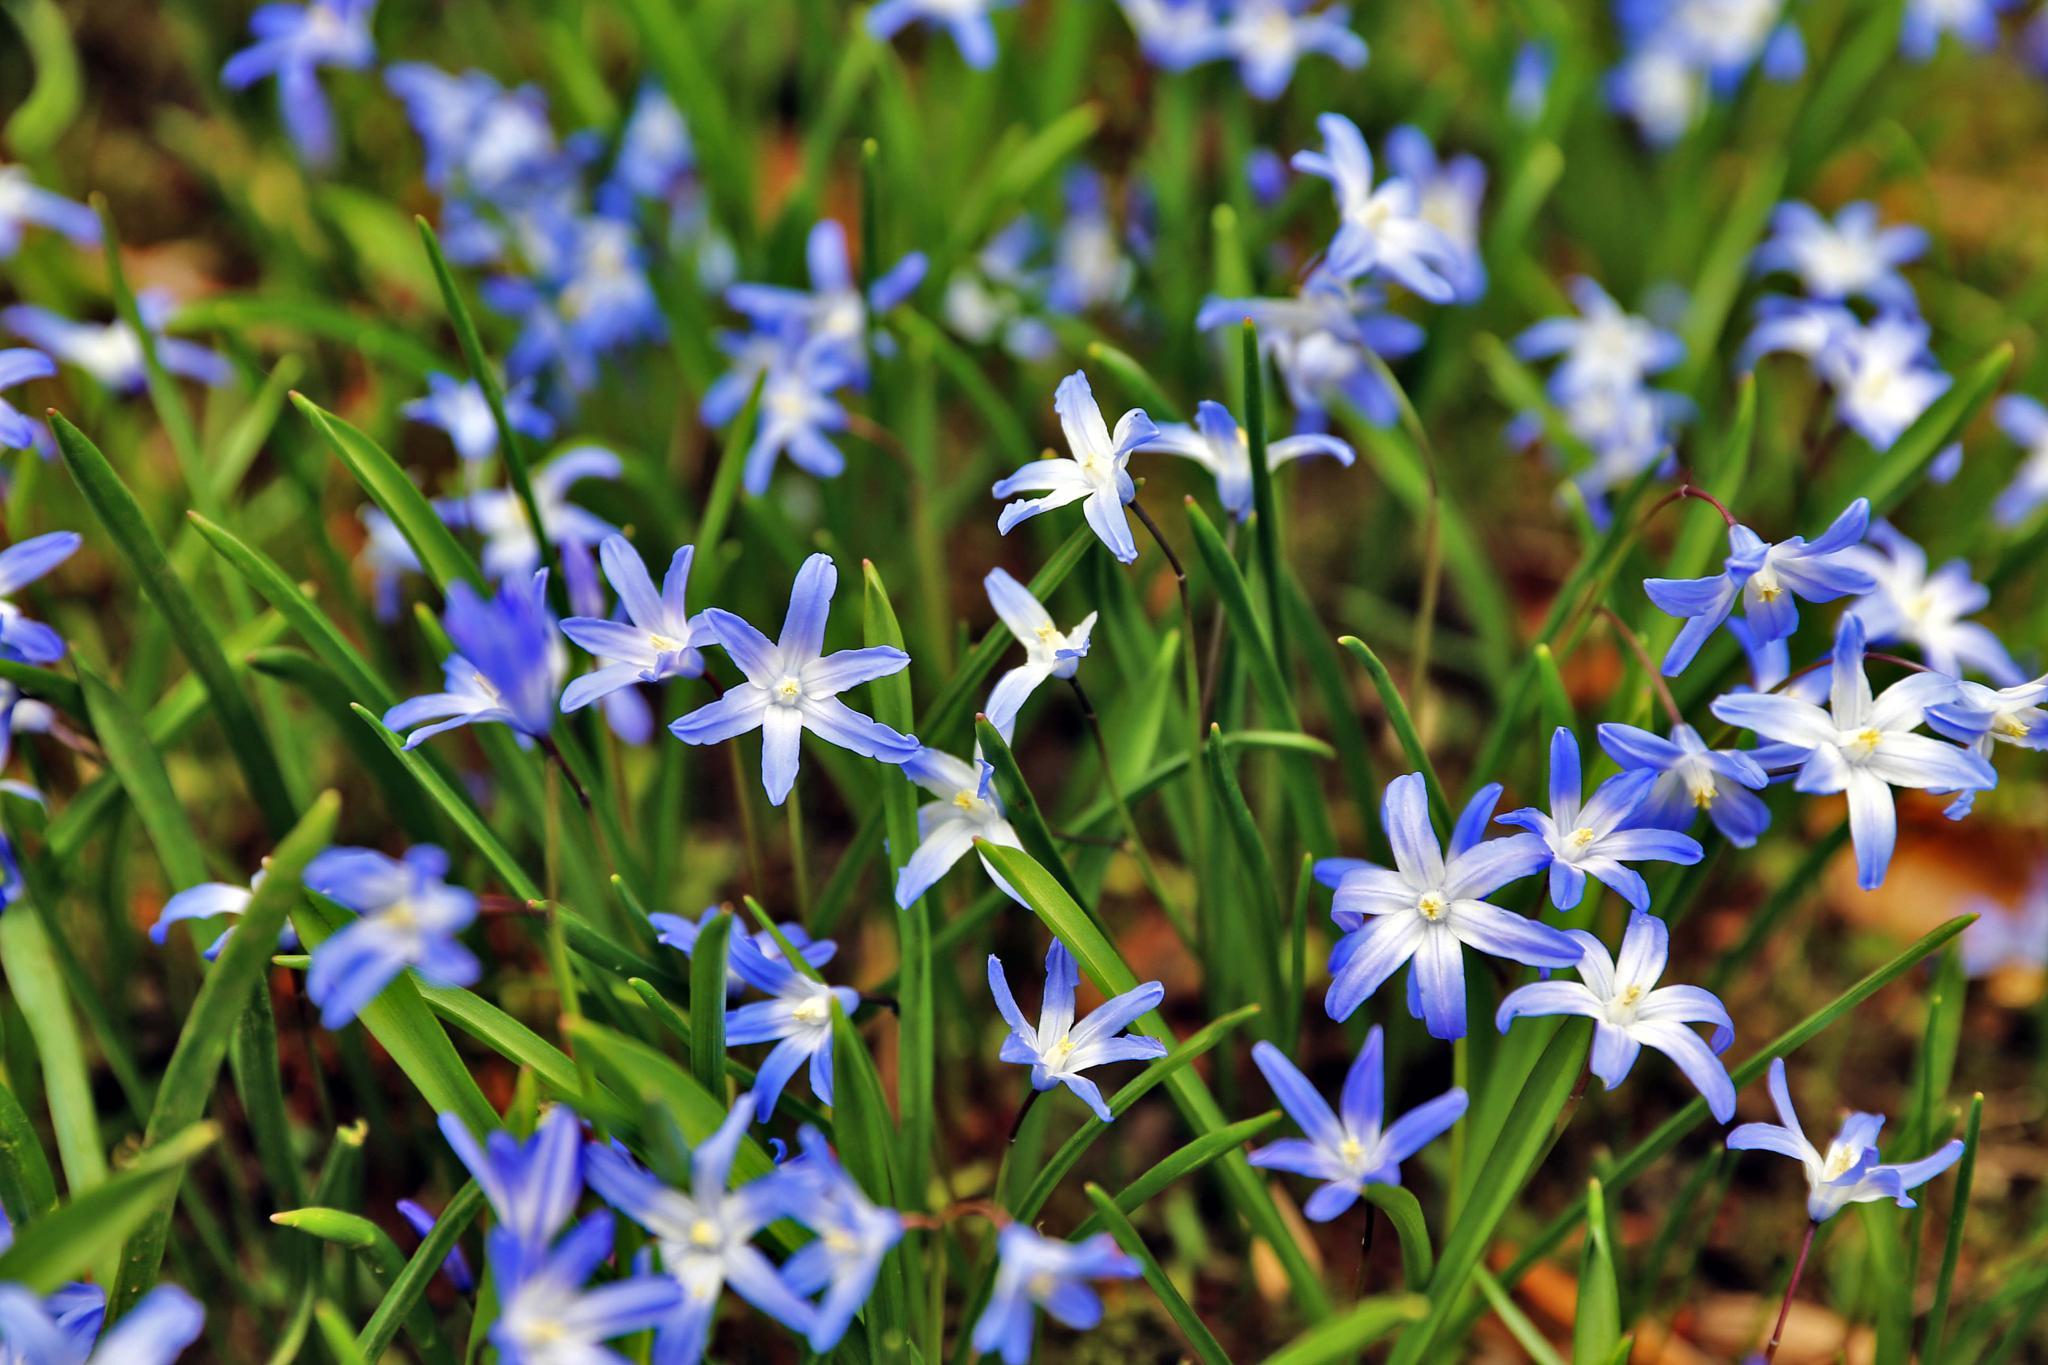 spring by Jürgen Cordt